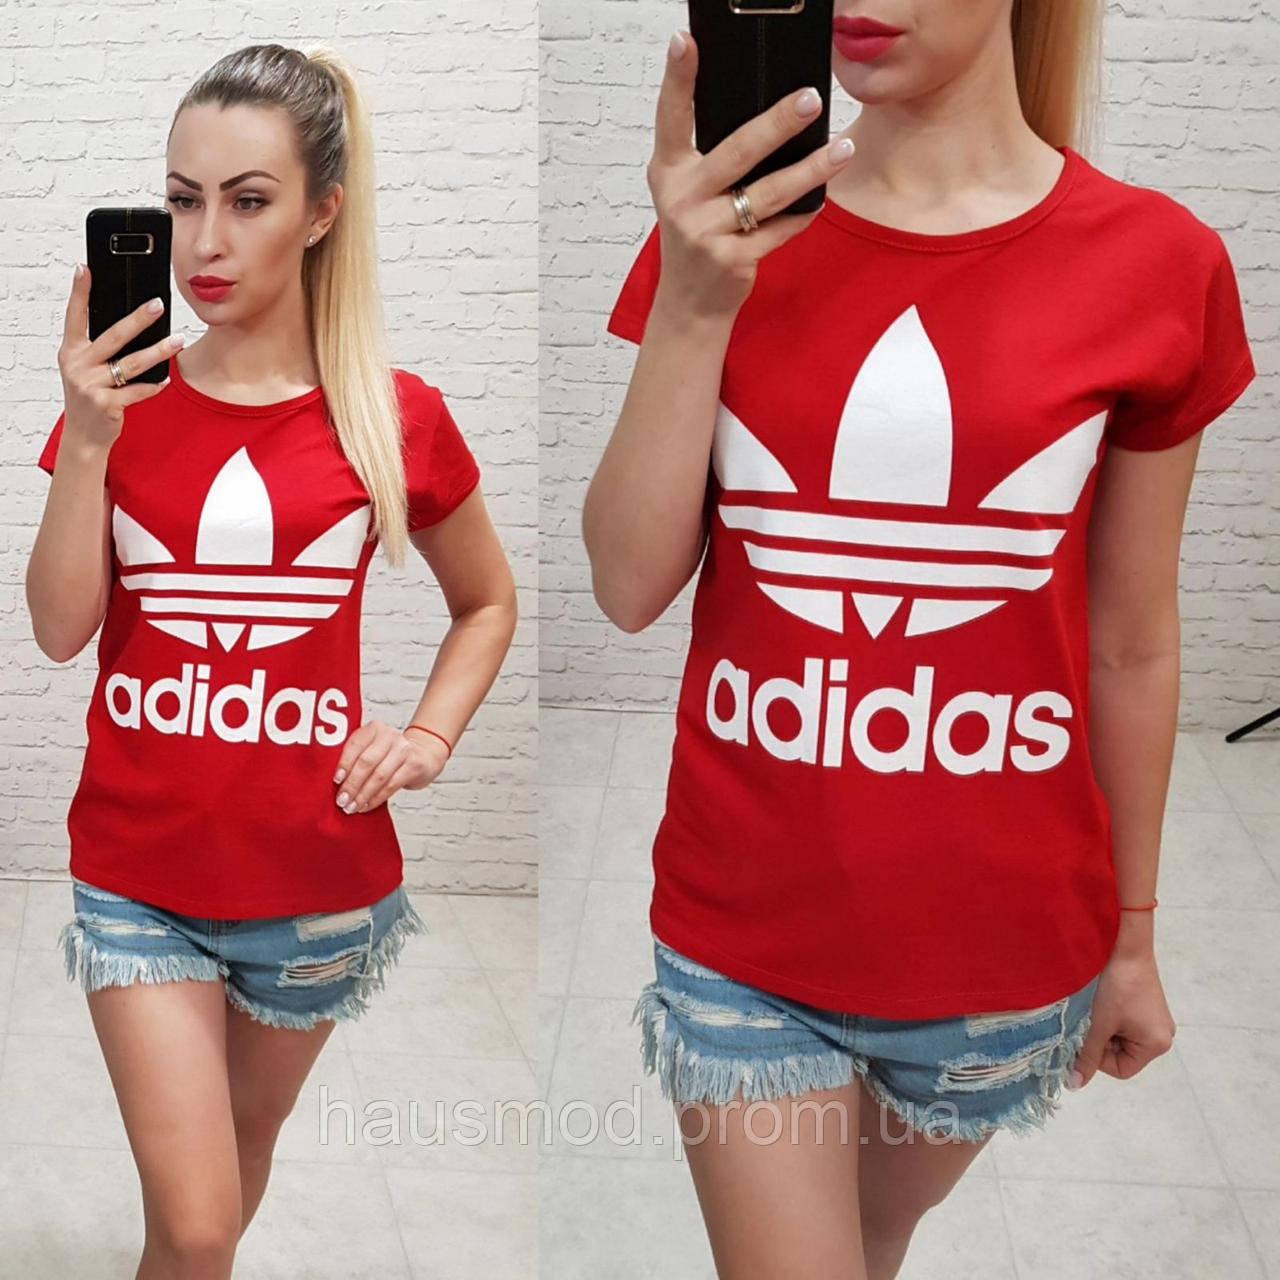 Женская футболка адидас 100% катон реплика Adidas Турция красная